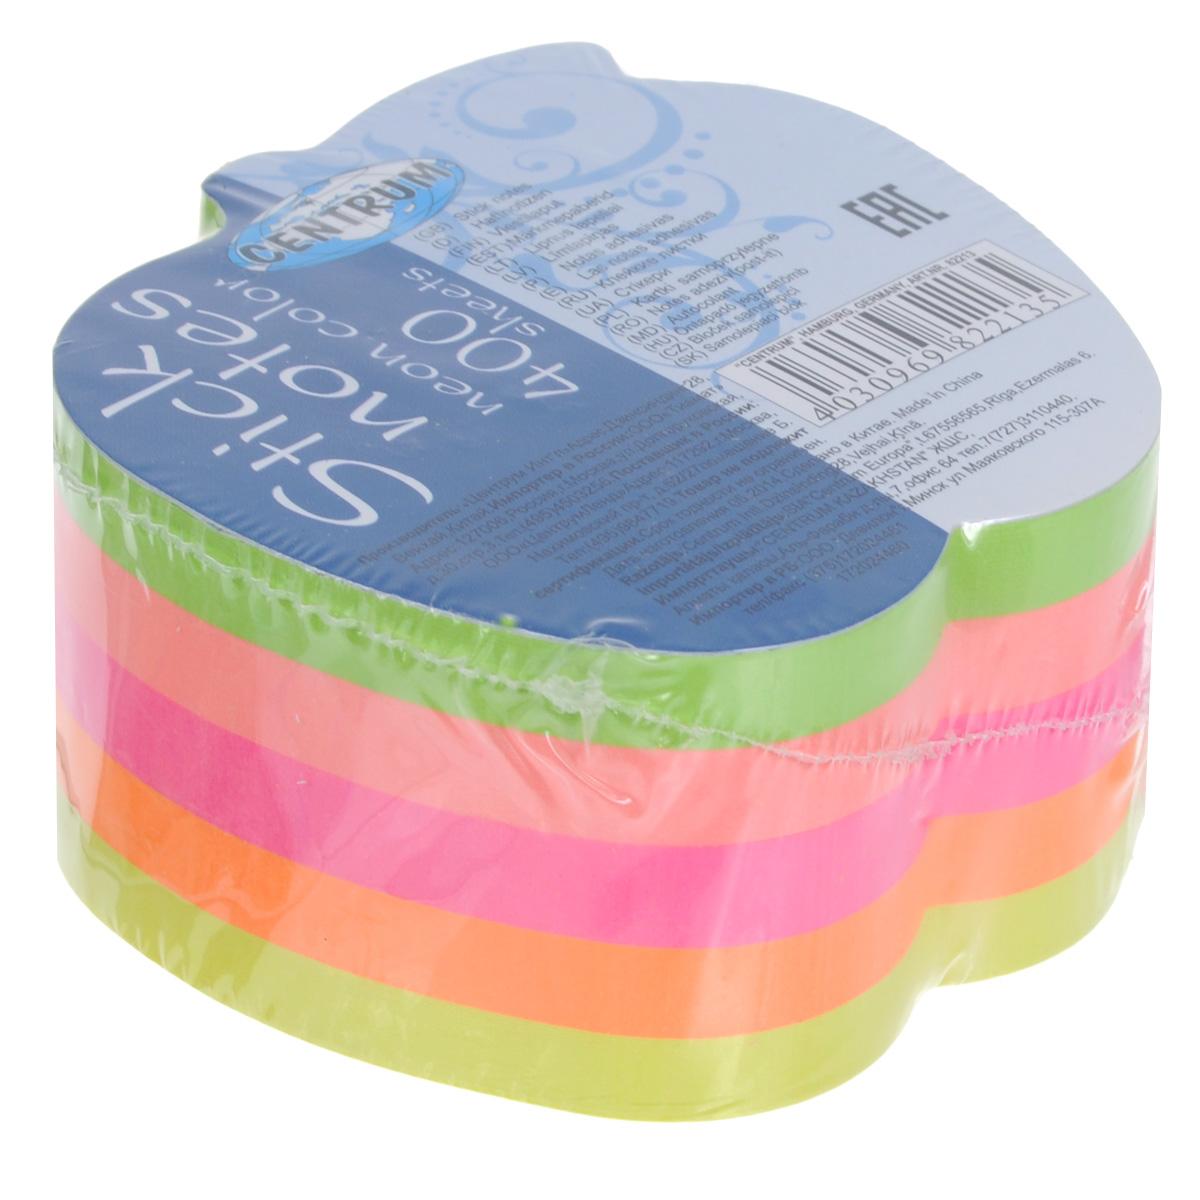 Блок для записей Centrum, с липким слоем, 7,2 см х 7 см82213Цветная бумага из блока Centrum идеально подойдет для важных пометок и записей. Яркие неоновые оттенки, высокое качество и оригинальный дизайн в форме яблока выделяют предлагаемую бумагу из ряда подобных. Блок состоит из 400 листочков с липким слоем оранжевого, салатового, желтого, розового и ярко-розового цветов (по 80 листочков каждого цвета). В каждом имеется круглое отверстие диаметром 1,2 см.